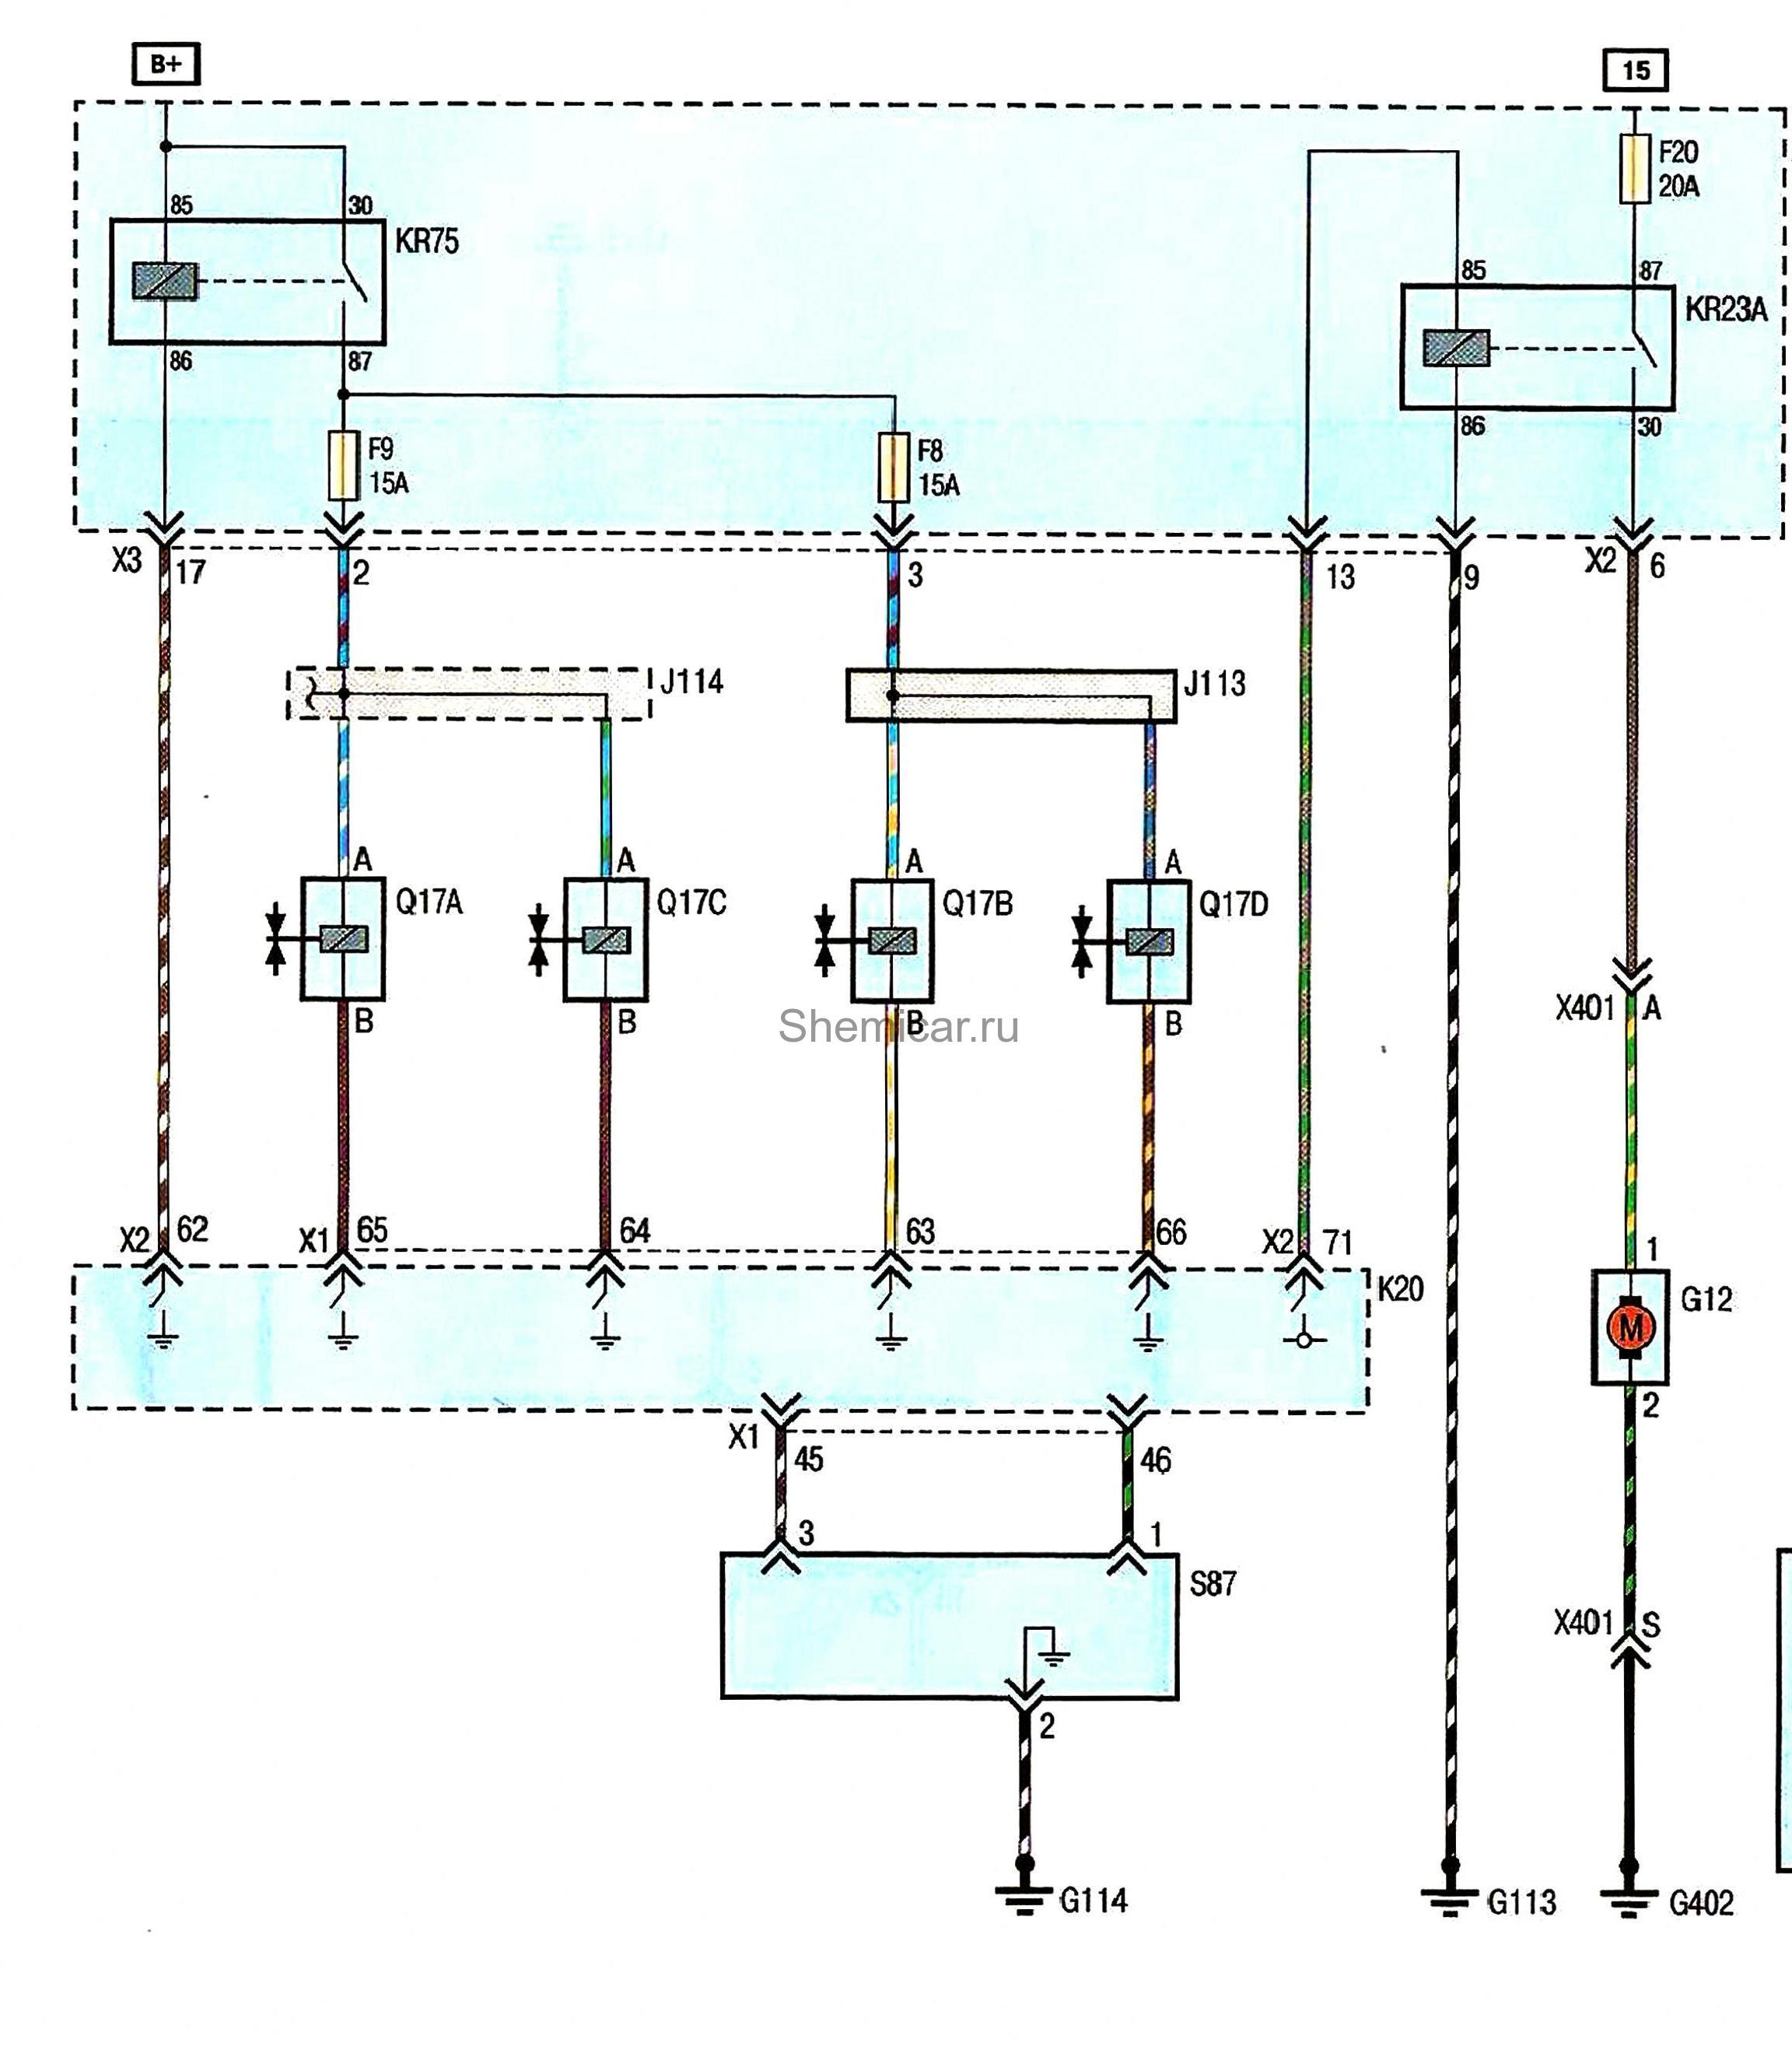 Схема топливной системы шевроле круз фото 217